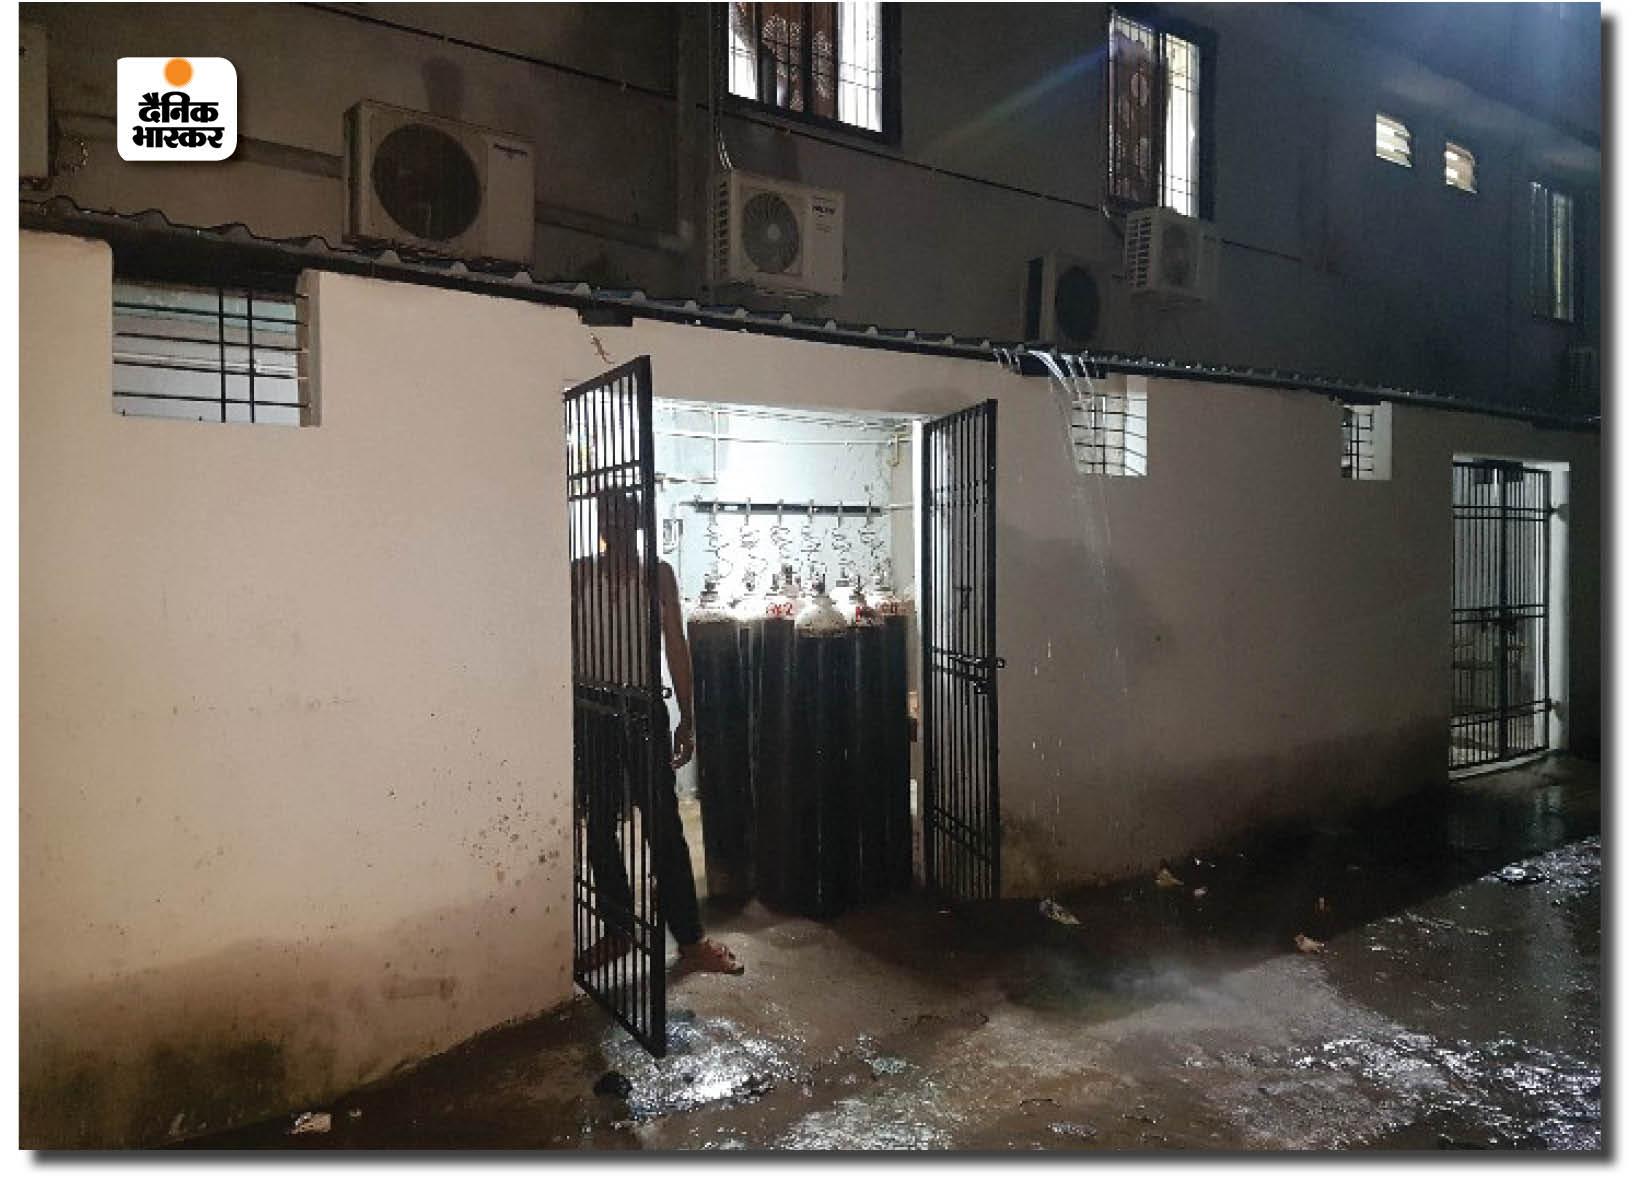 रायपुर के जिला अस्पताल का ऑक्सीजन प्लांट, यहीं से मरीजों को ऑक्सीजन सप्लाई की जाती है।